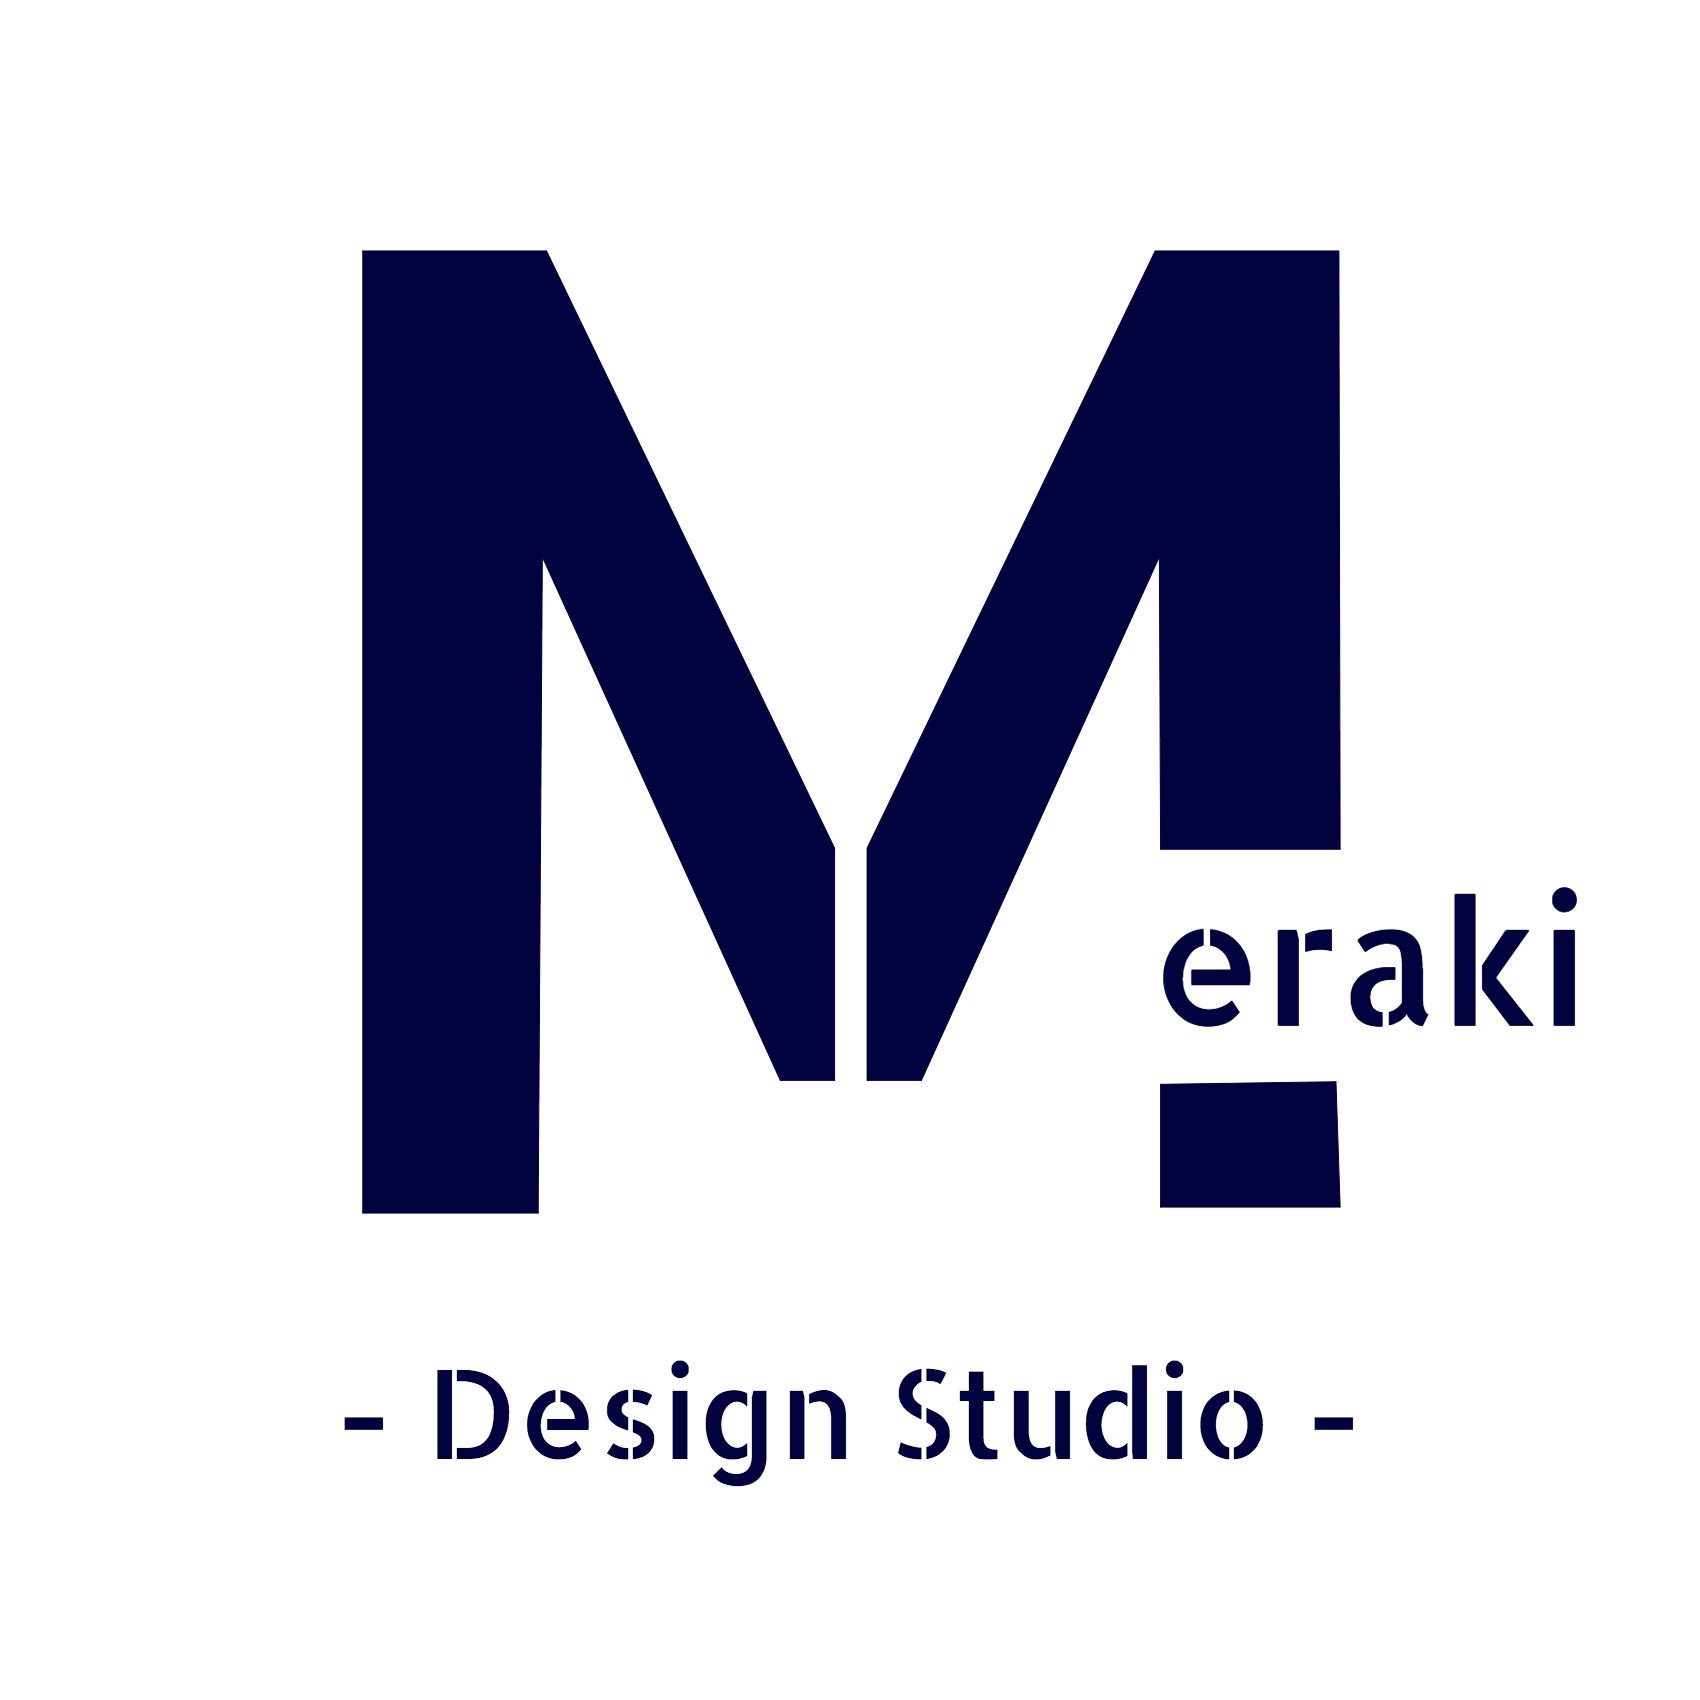 Meraki Design Studio